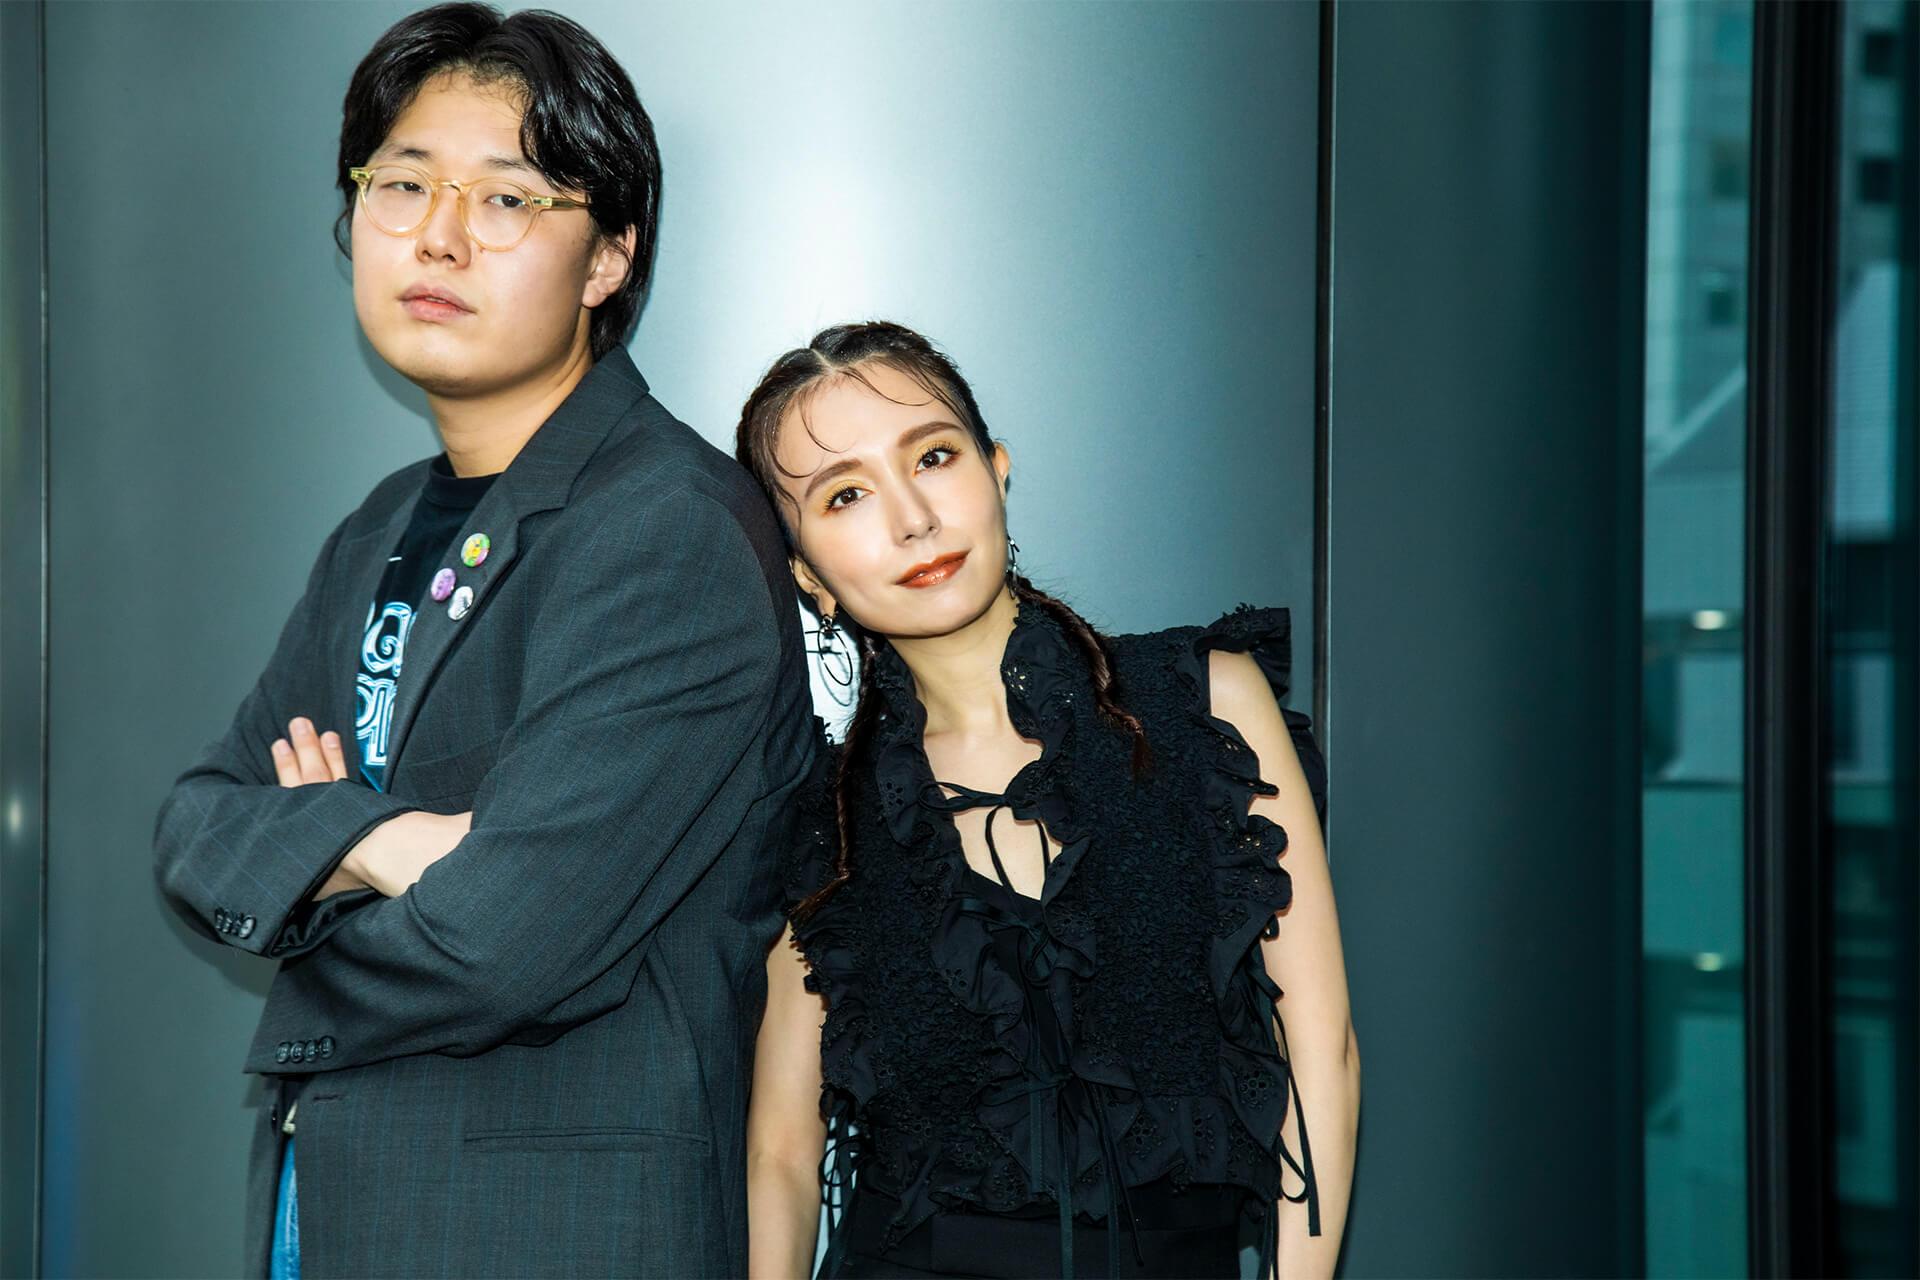 対談:May J.とyahyel・篠田ミルが新プロジェクト「DarkPop」で描くポップスの新章 interview2107-may-j-yahyel-shinodamiru-2